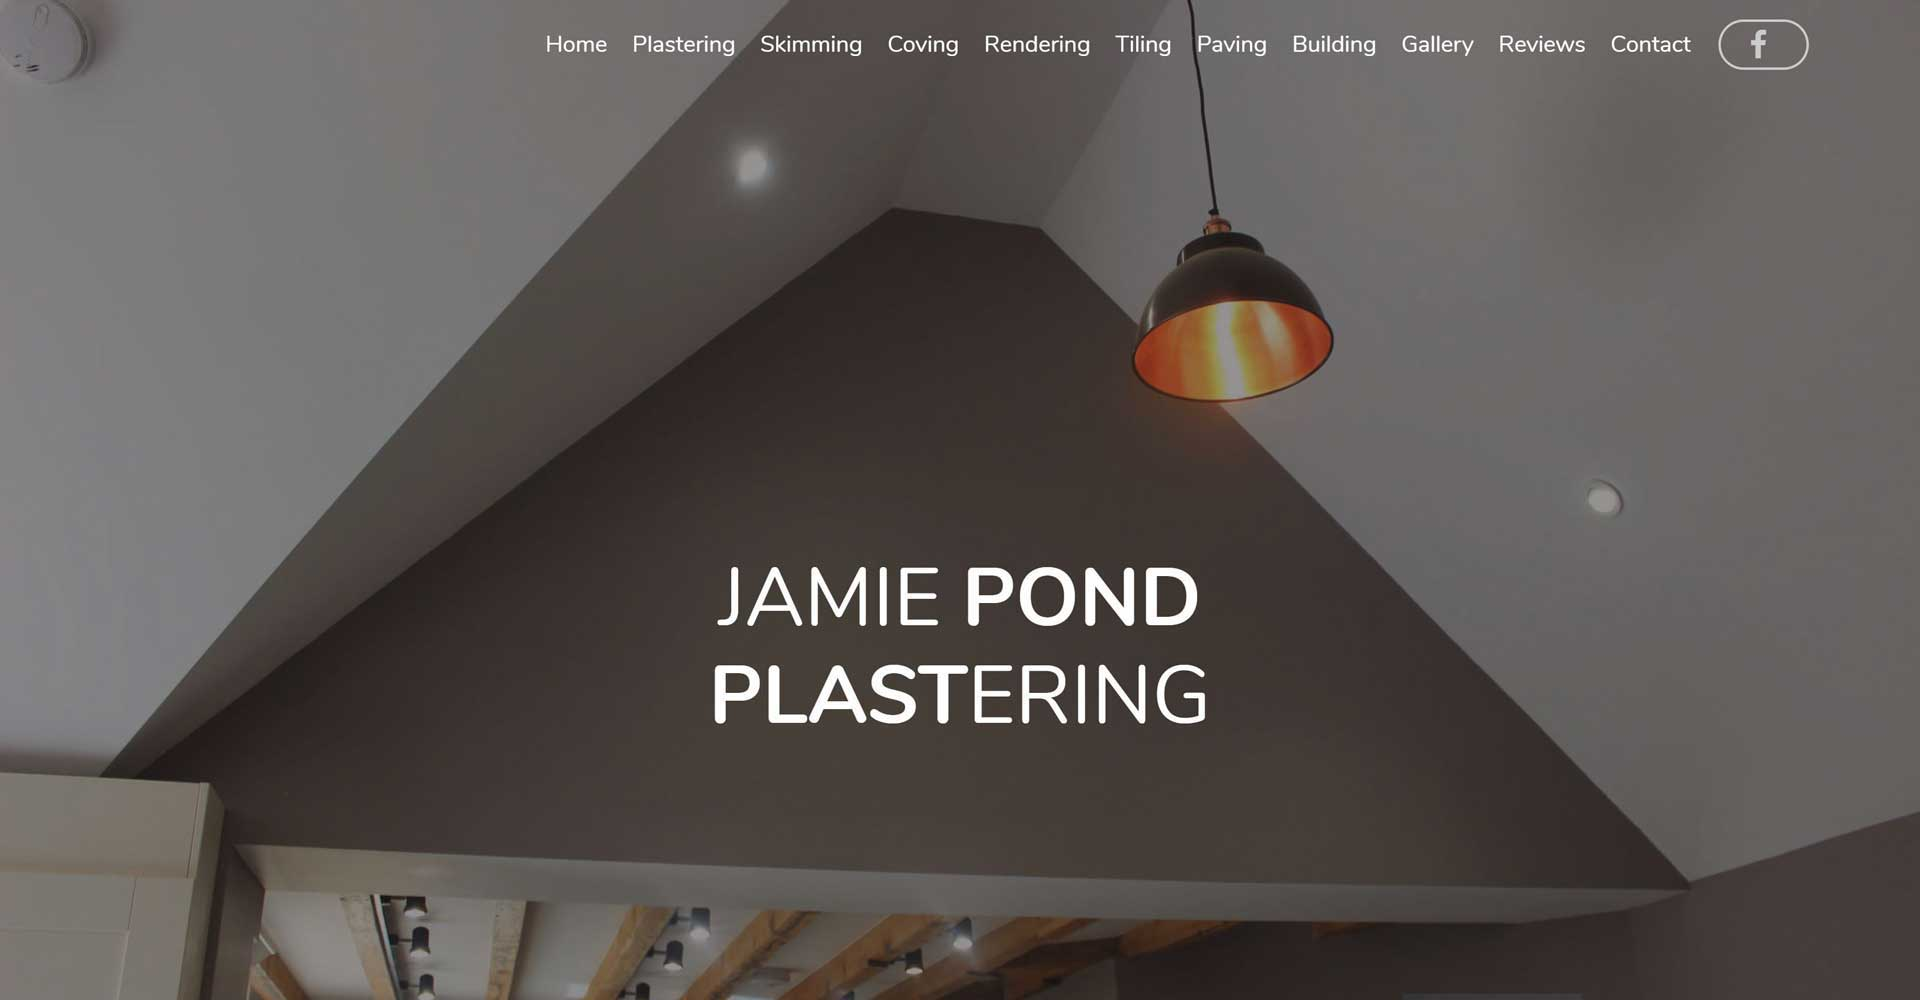 Jamie Pond - Owner